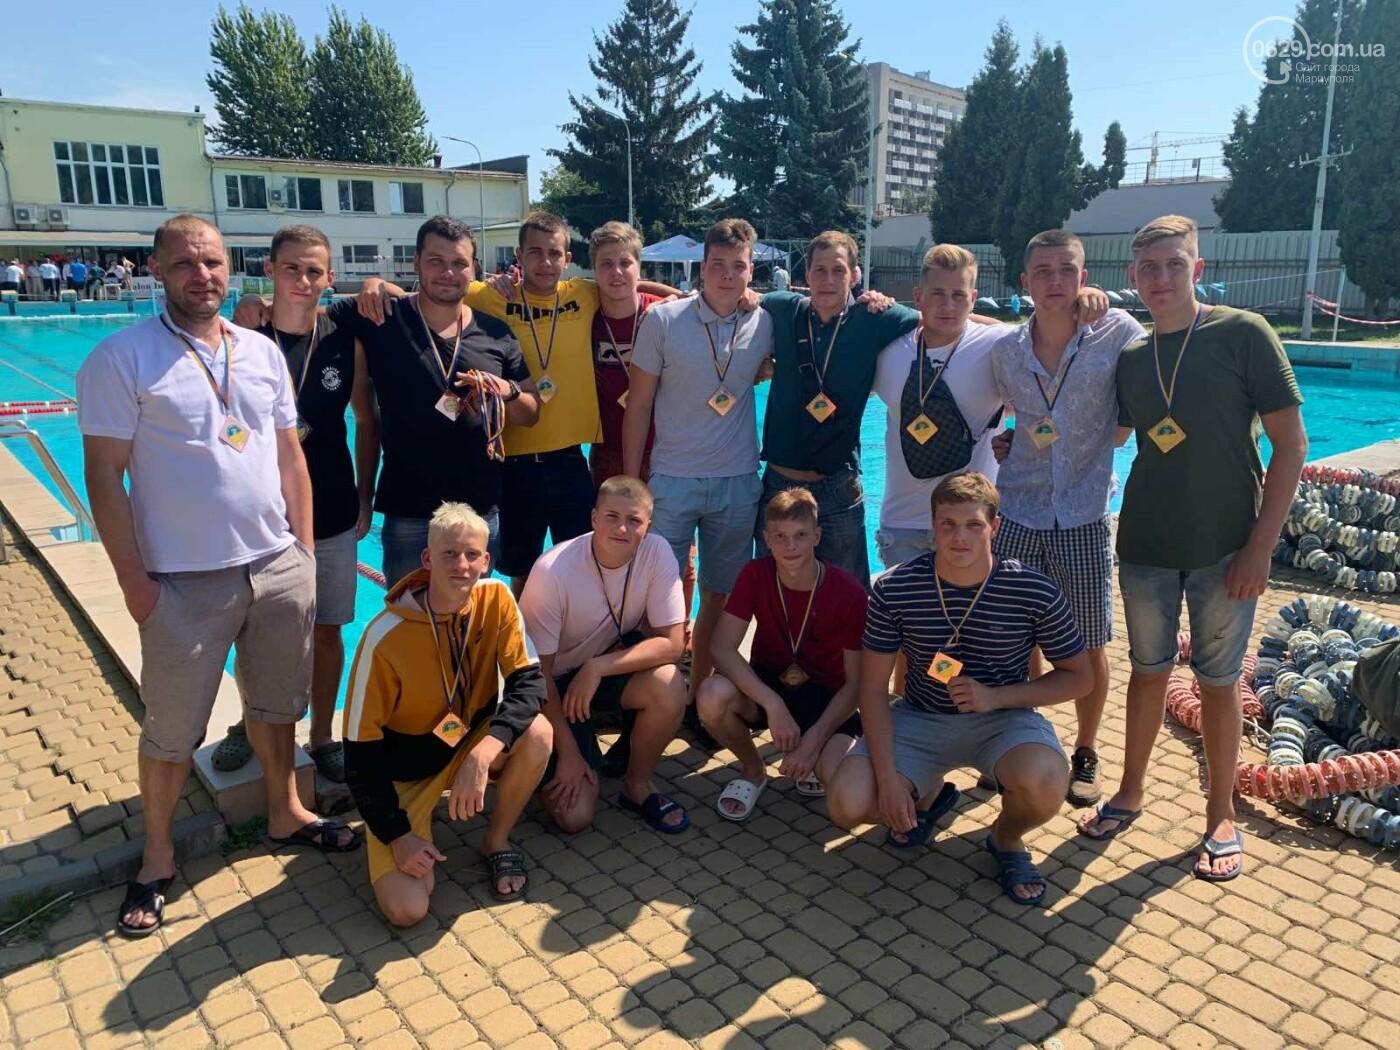 Мариупольские ватерполисты взяли бронзу на чемпионате Украины, - ФОТО, фото-2